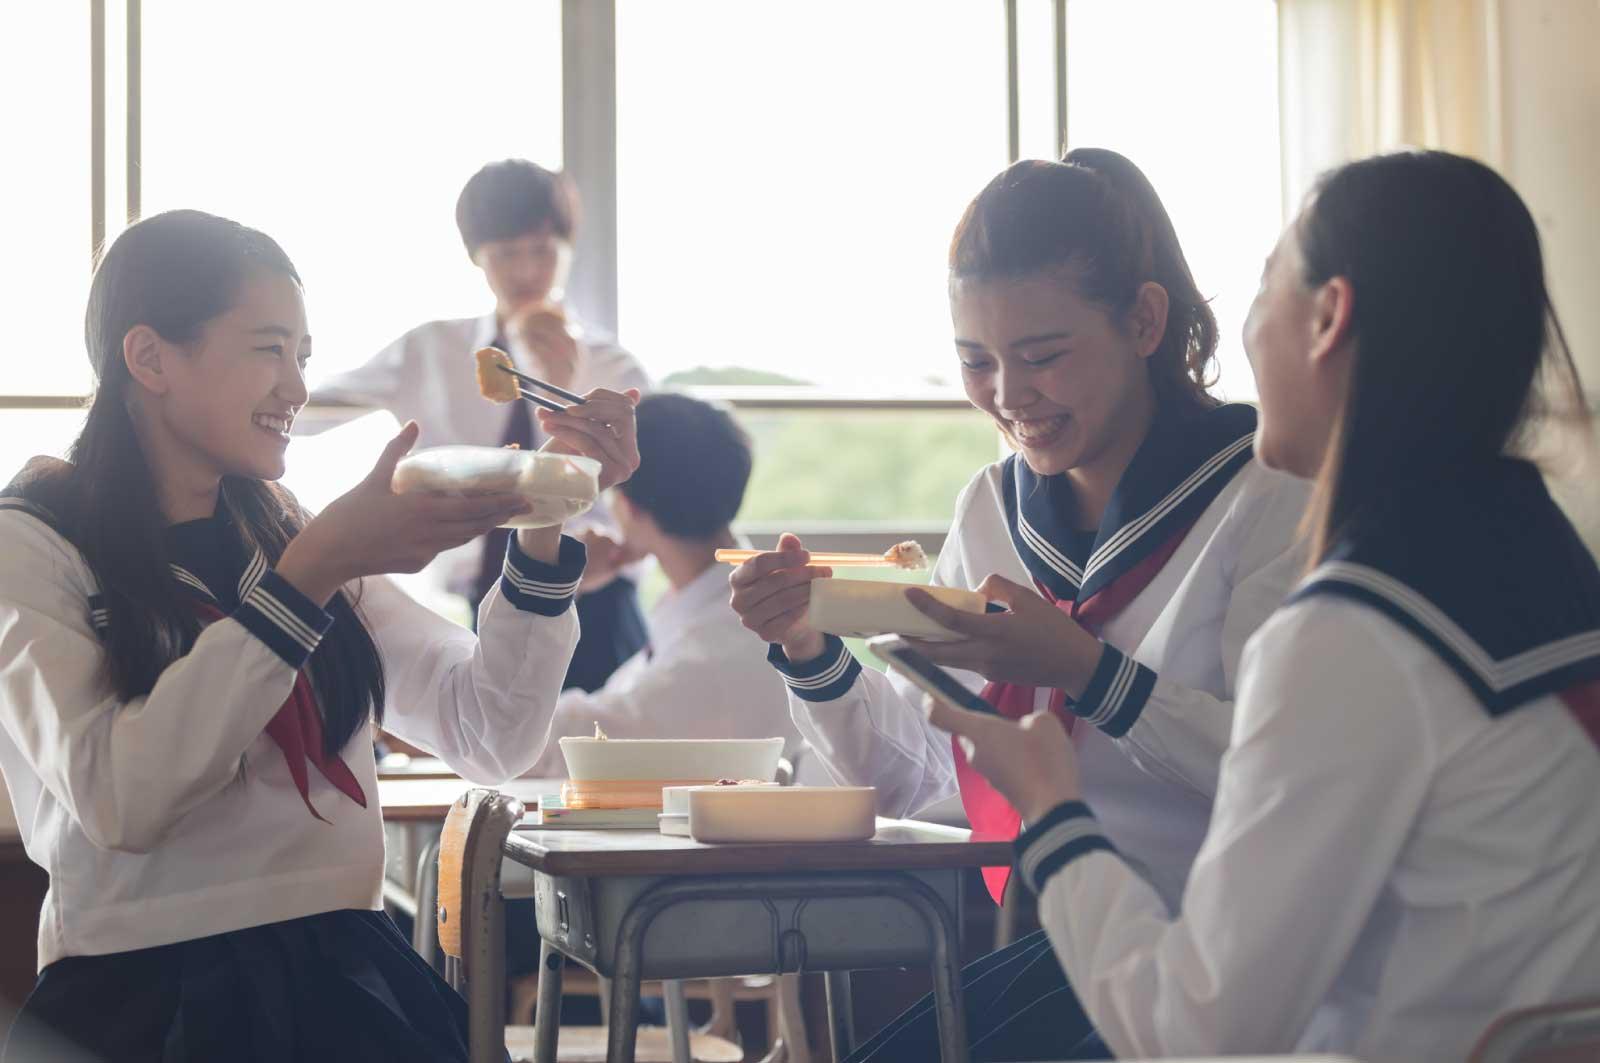 学生のころの弁当をたまに思い出す人もいるでしょう